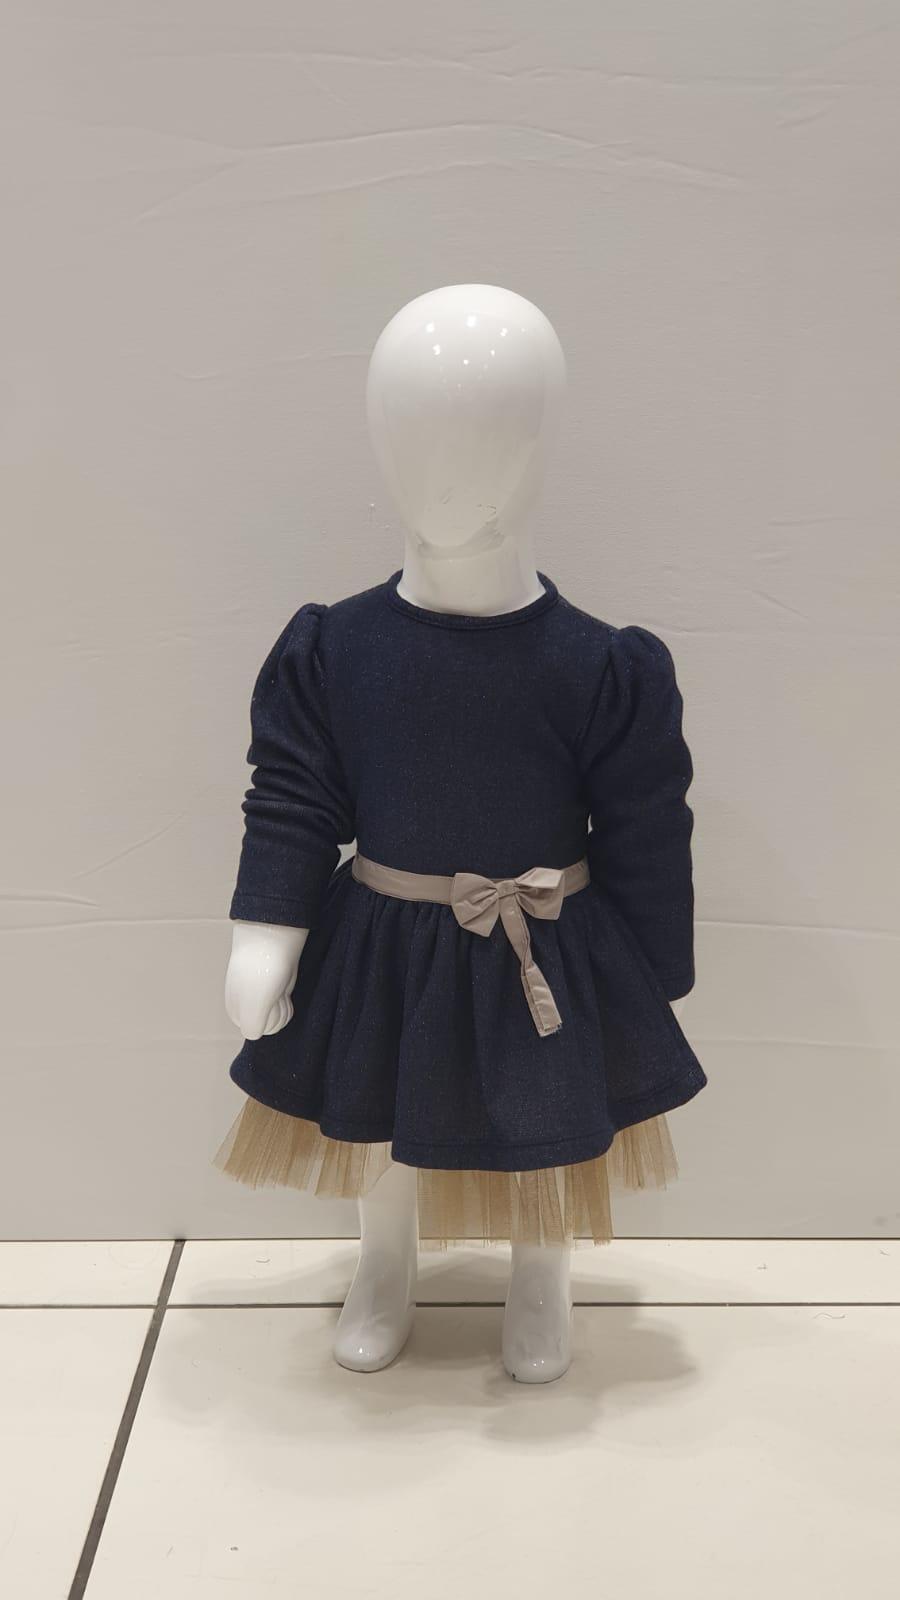 Maia Kids 10334 ХАКИ Платье Для Девочек